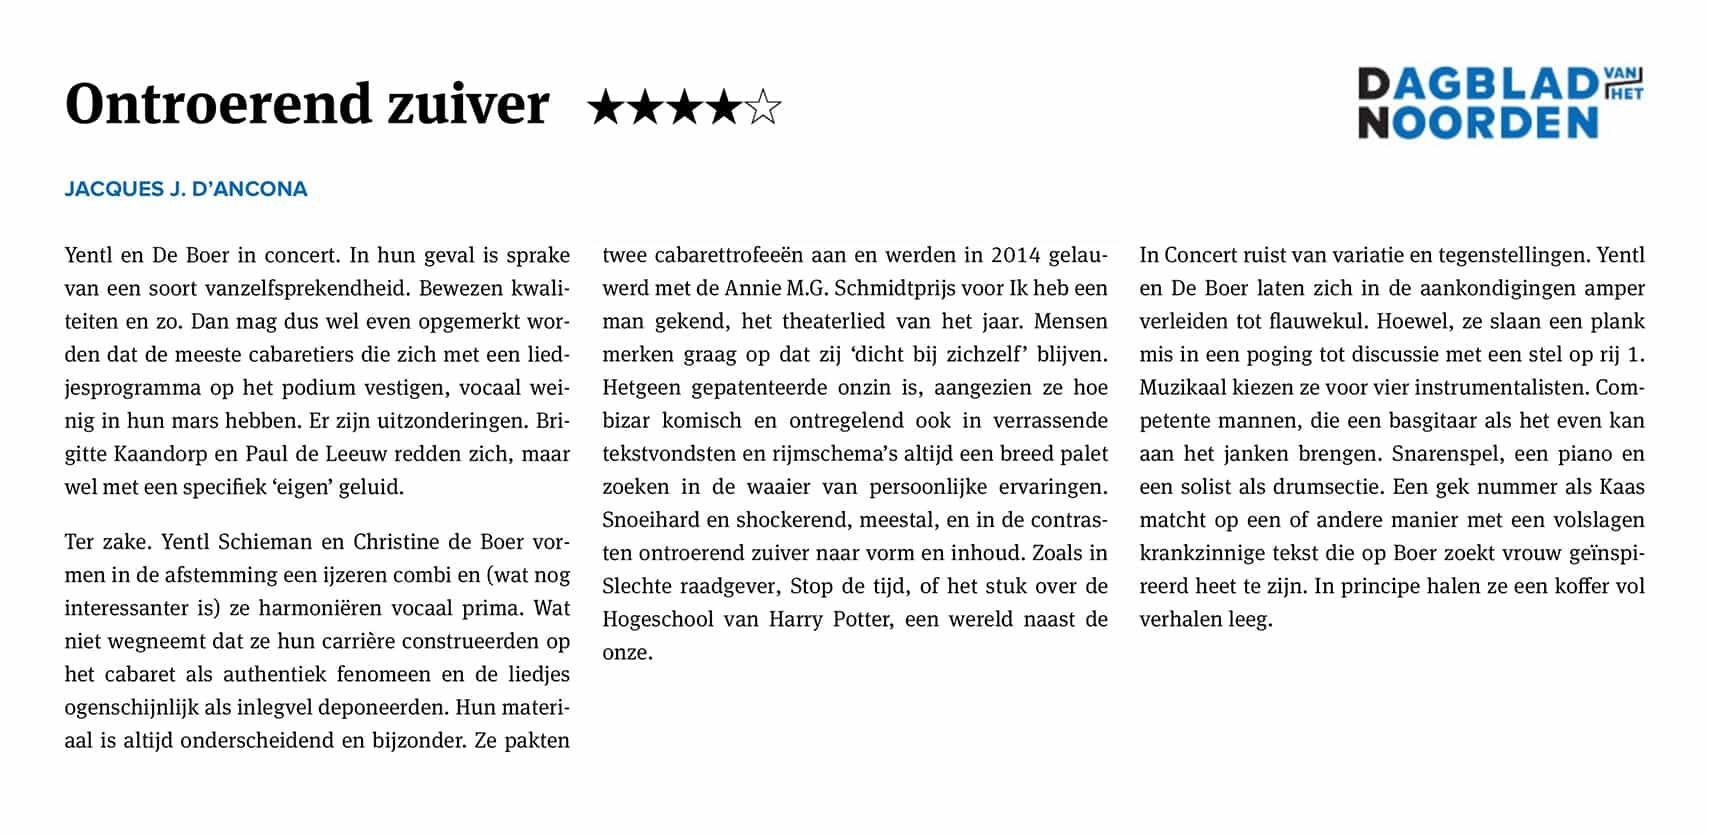 Recensie Yentl en de Boer in Concert - Dagblad van het Noorden 27 okt 2017